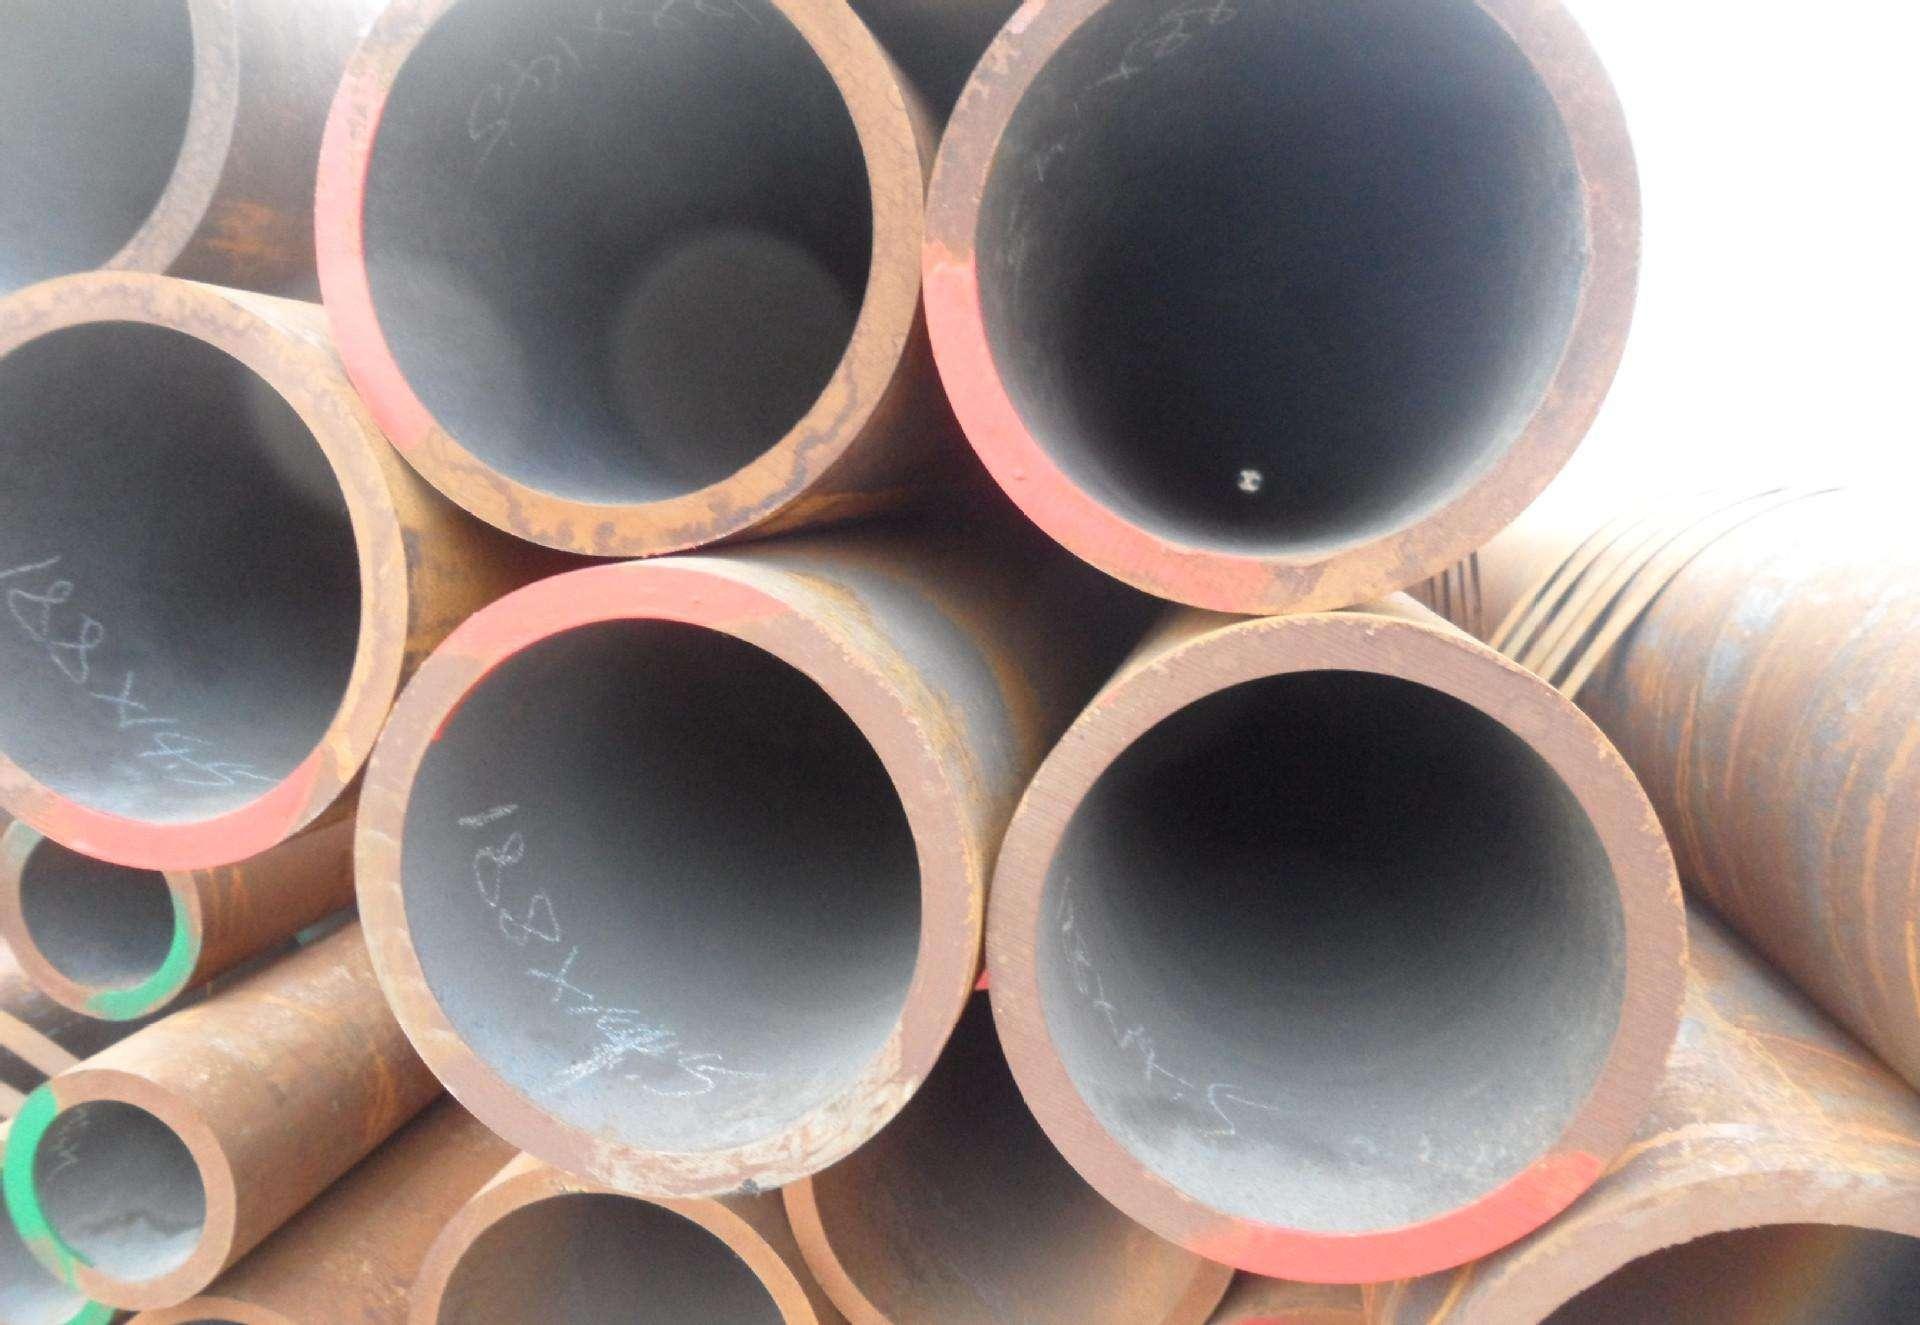 无缝钢管厂家 无缝钢管供应 厂家批发无缝管